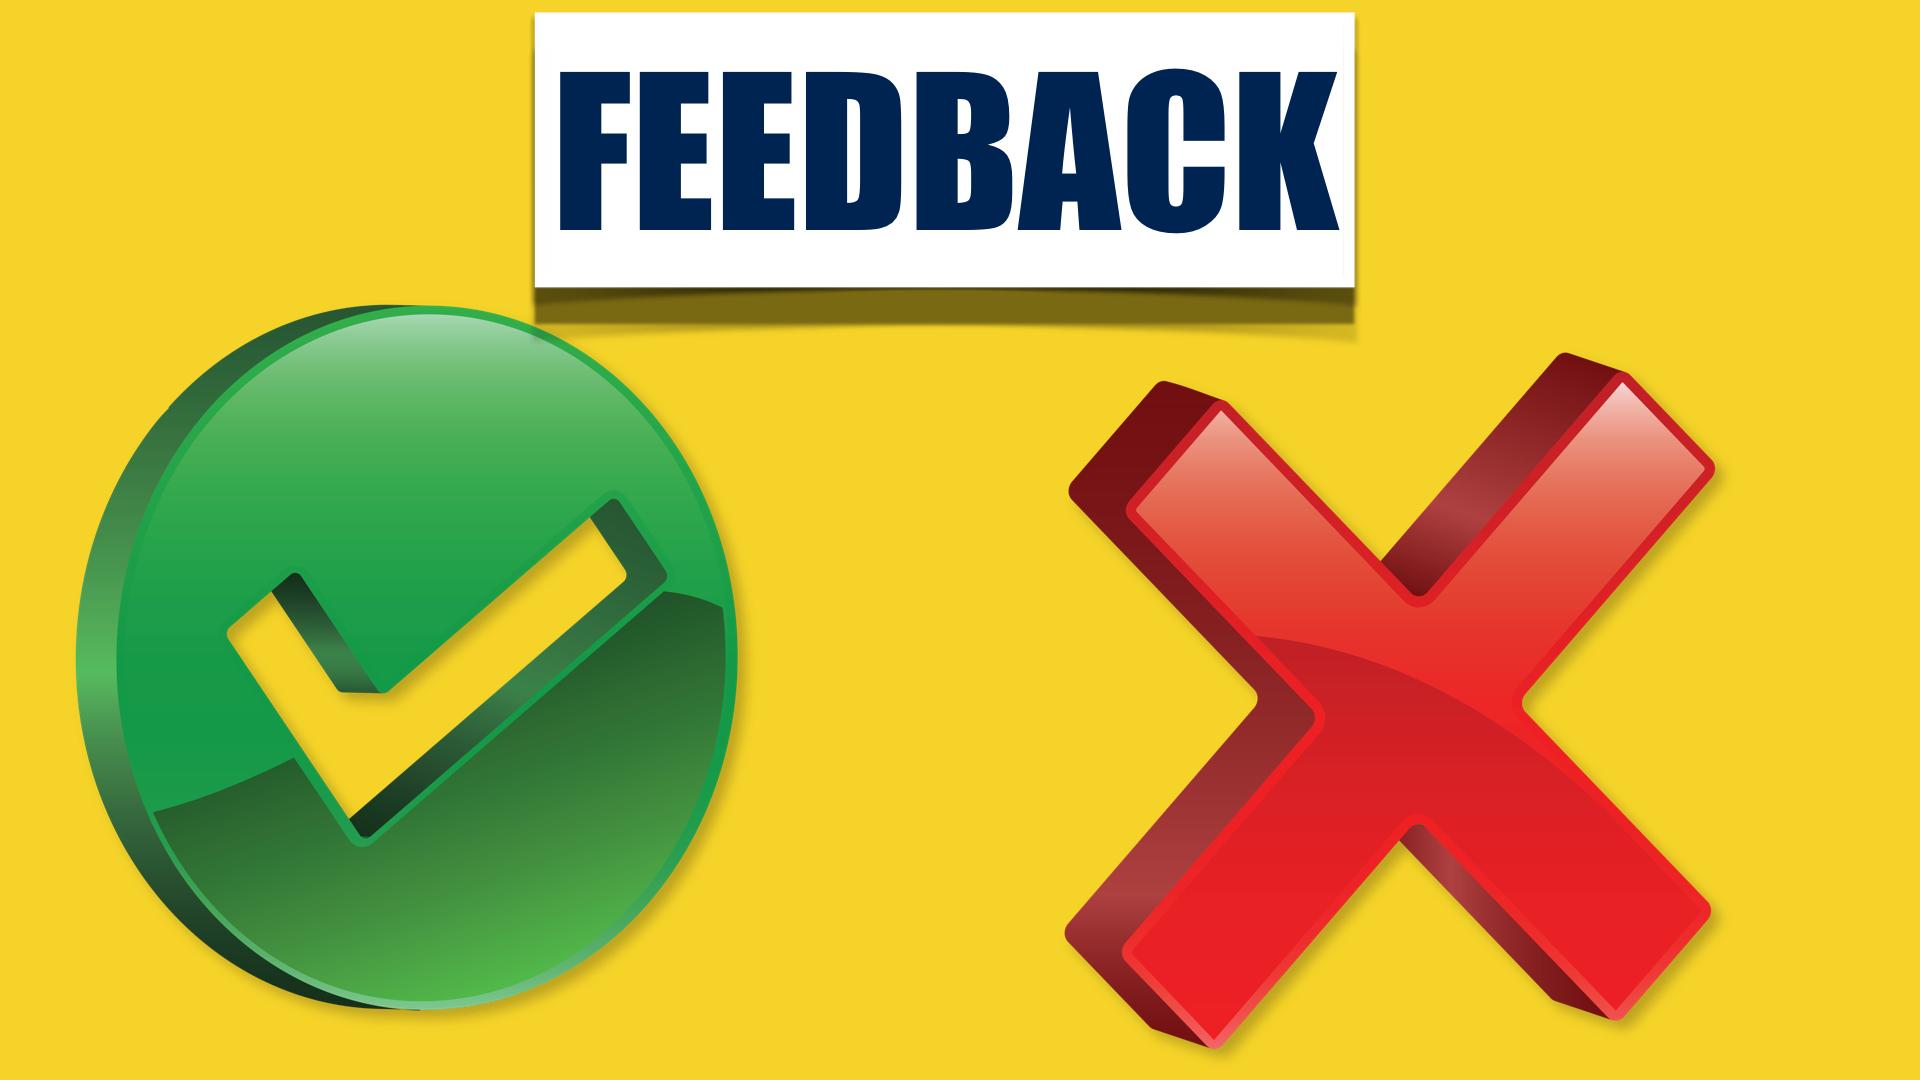 feedback.002